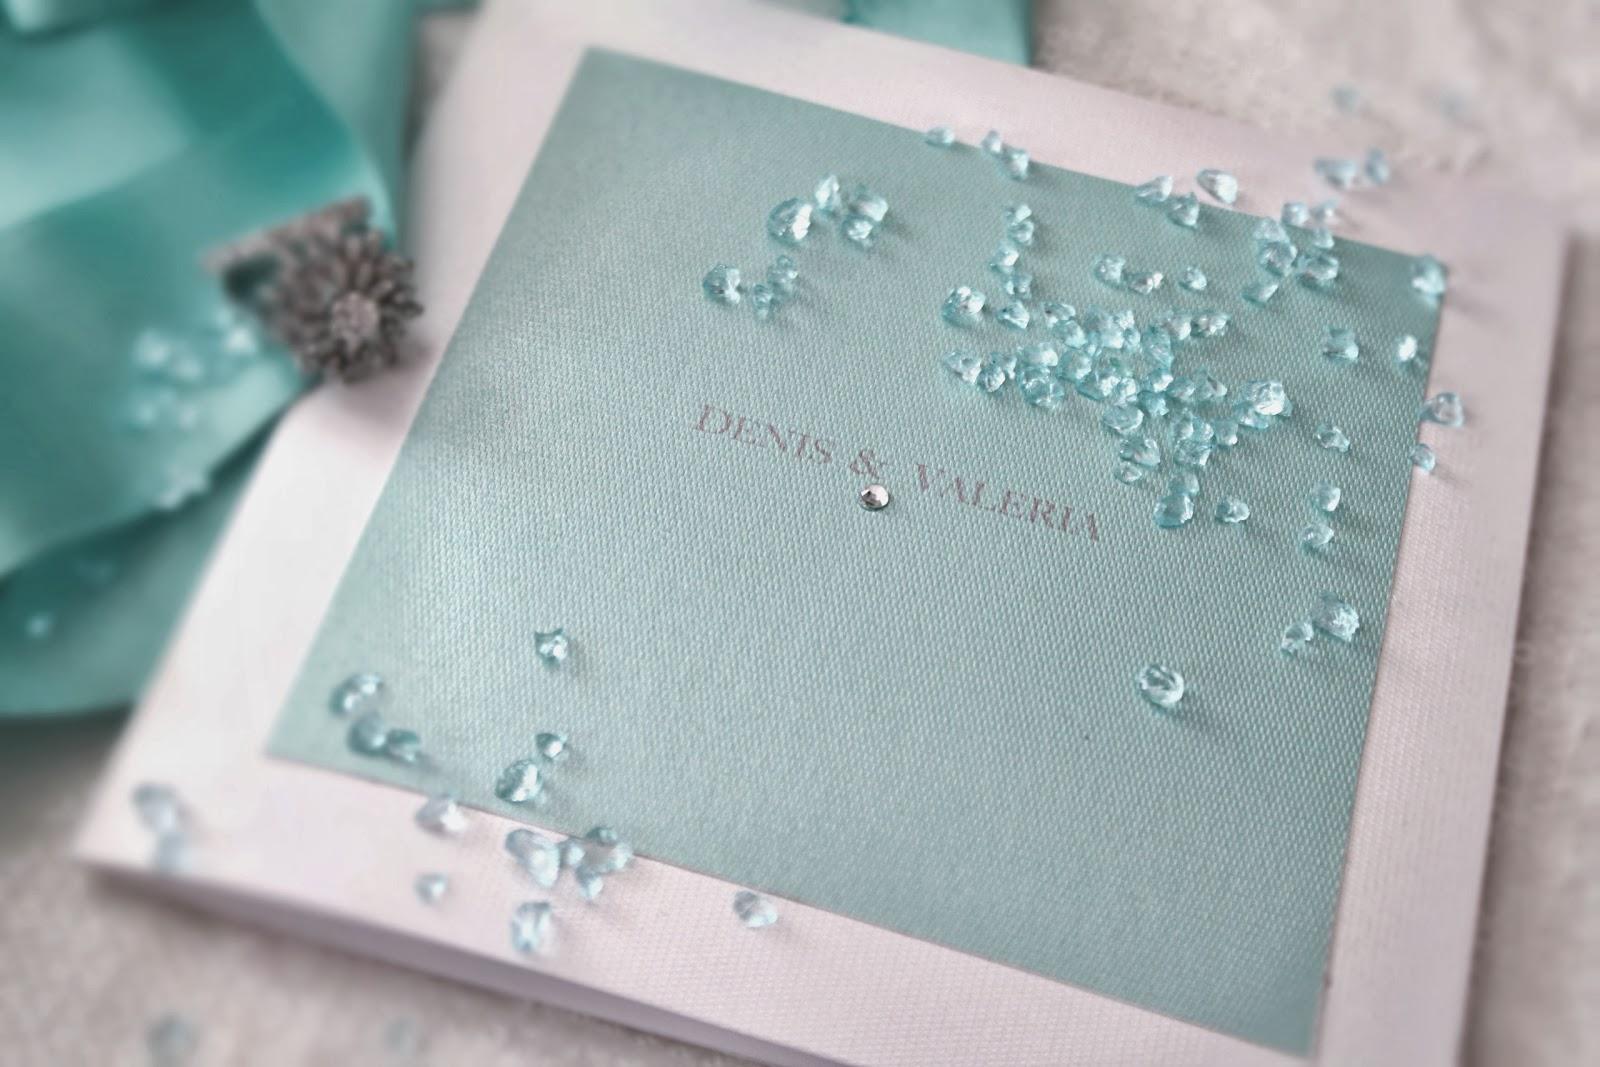 Partecipazioni Matrimonio Azzurro Tiffany : Partecipazioni matrimonio azzurro tiffany